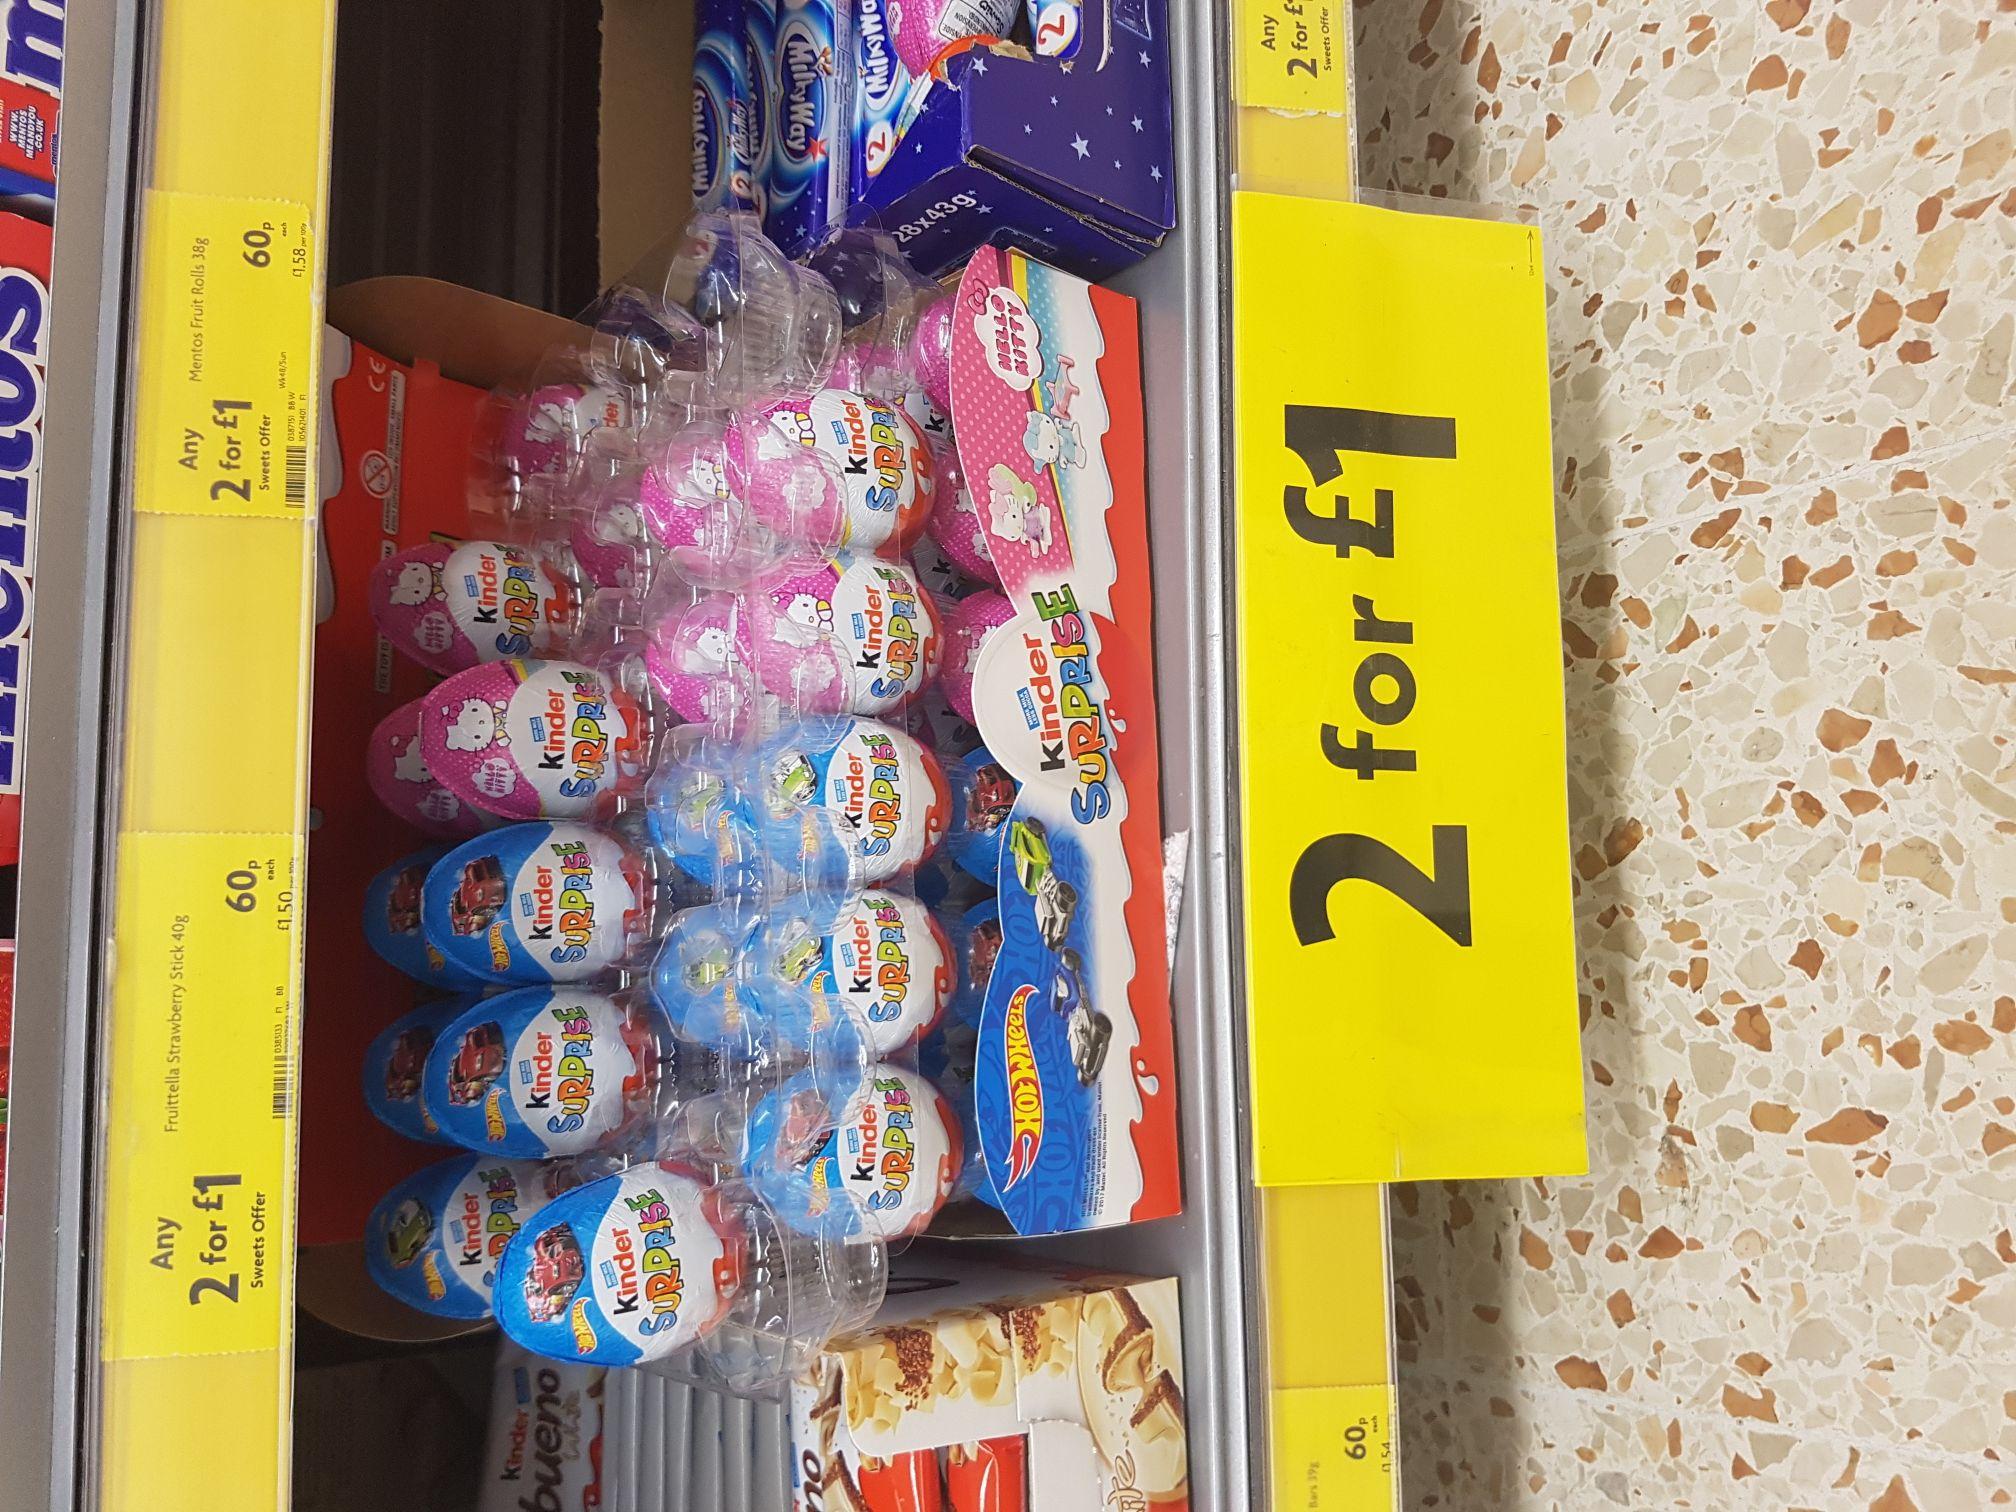 Kinder 2 for a pound instore @ Morrisons